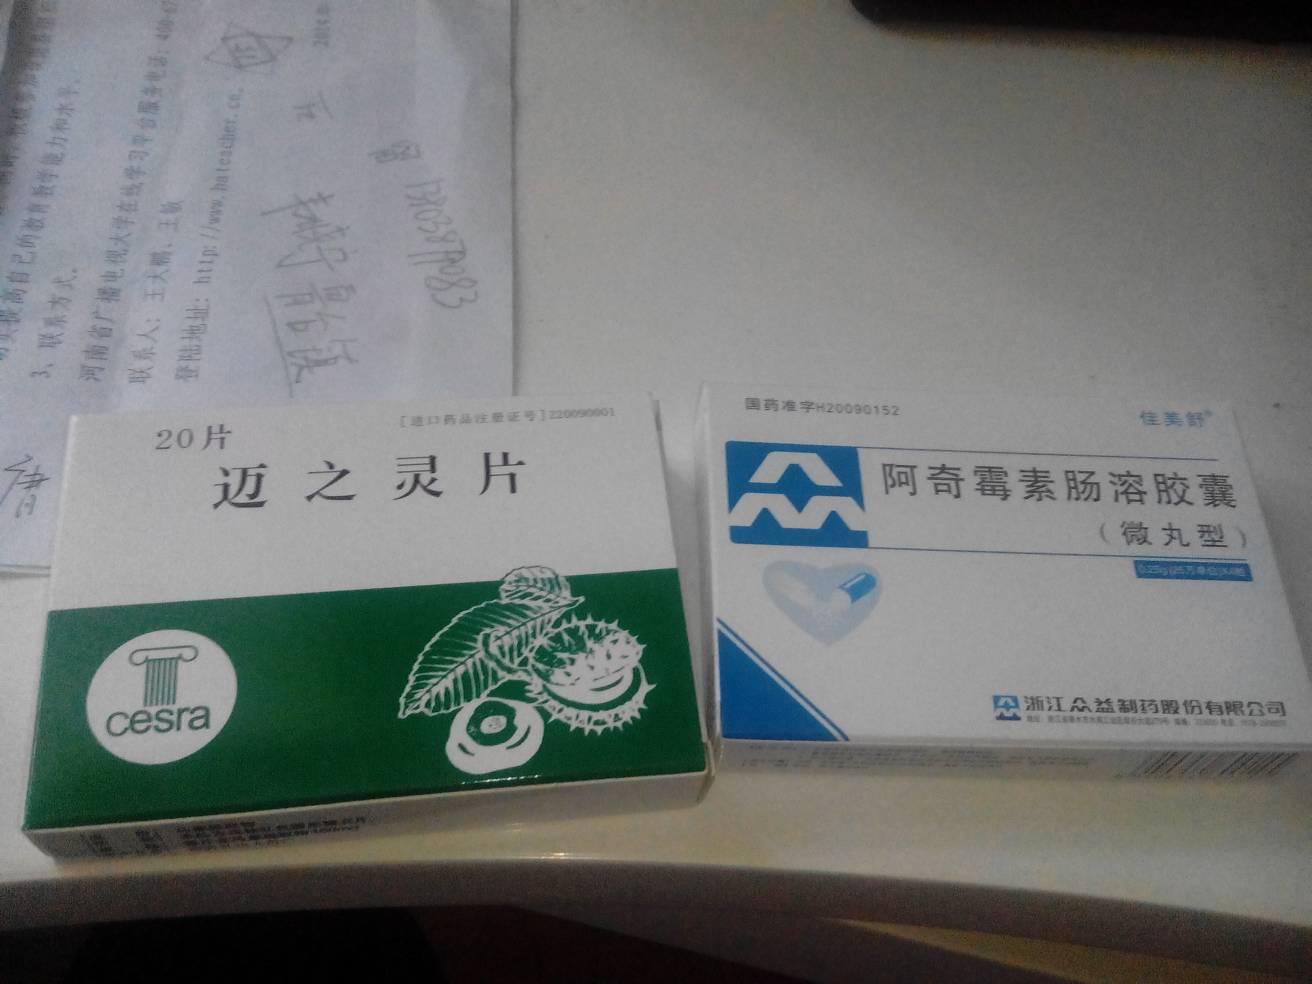 吃了药_请问我得了左侧精索静脉曲张,这两种药要怎么吃?